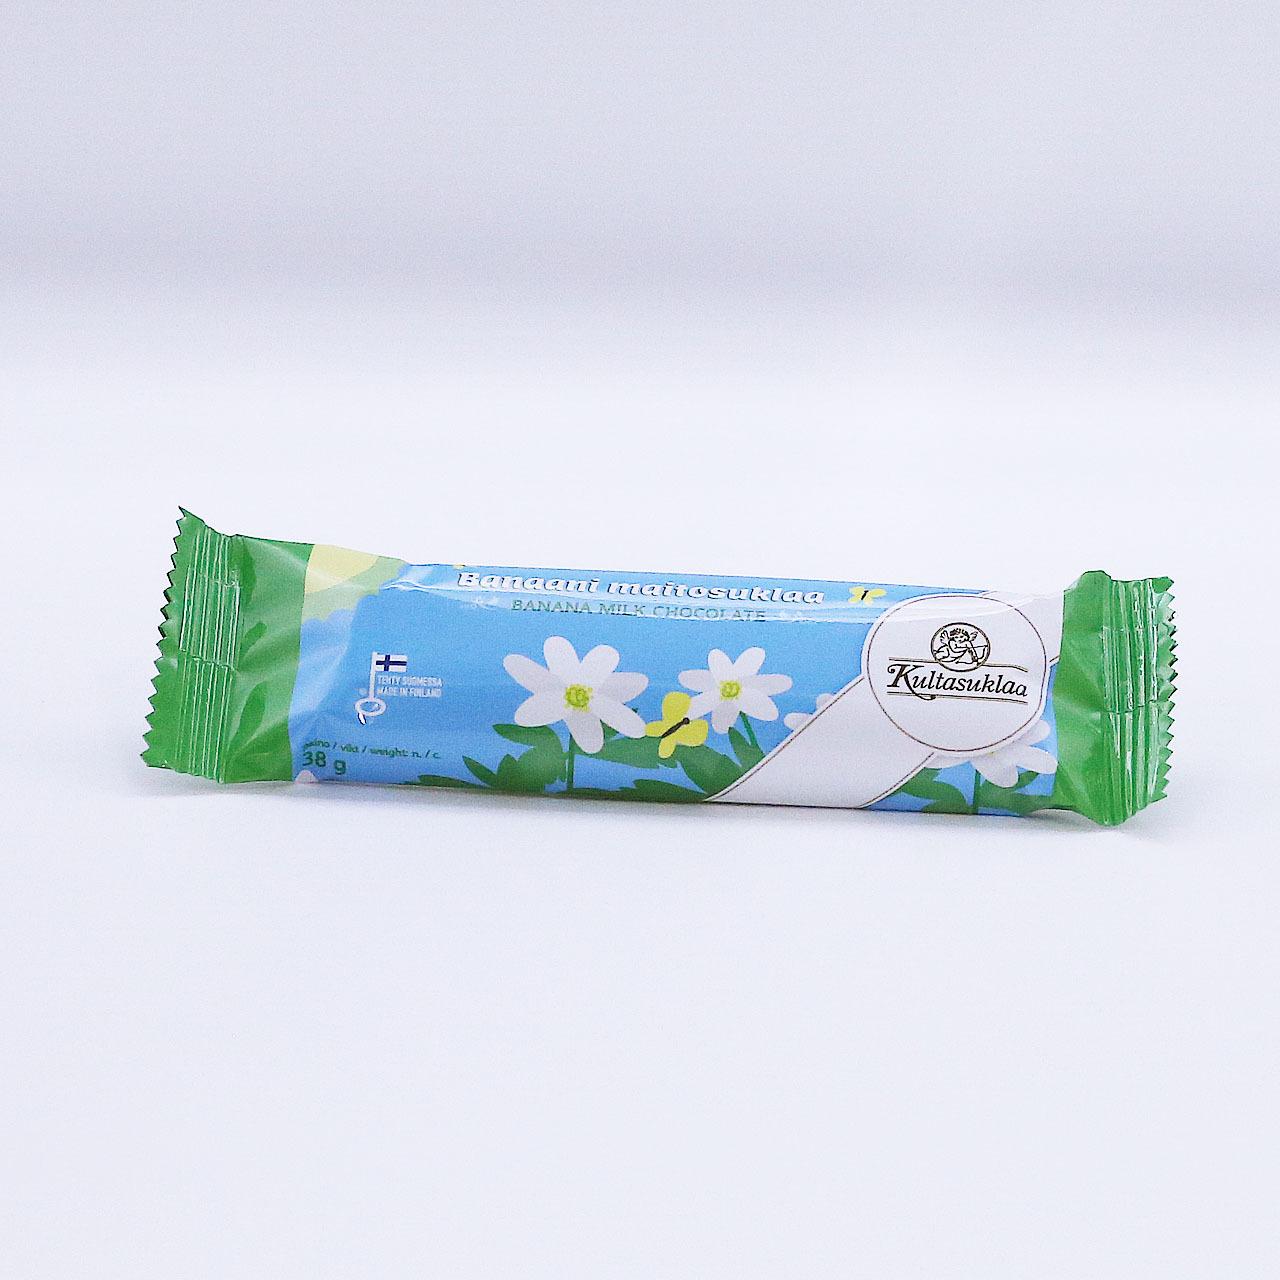 クルタスクラー バナナミルクチョコレート